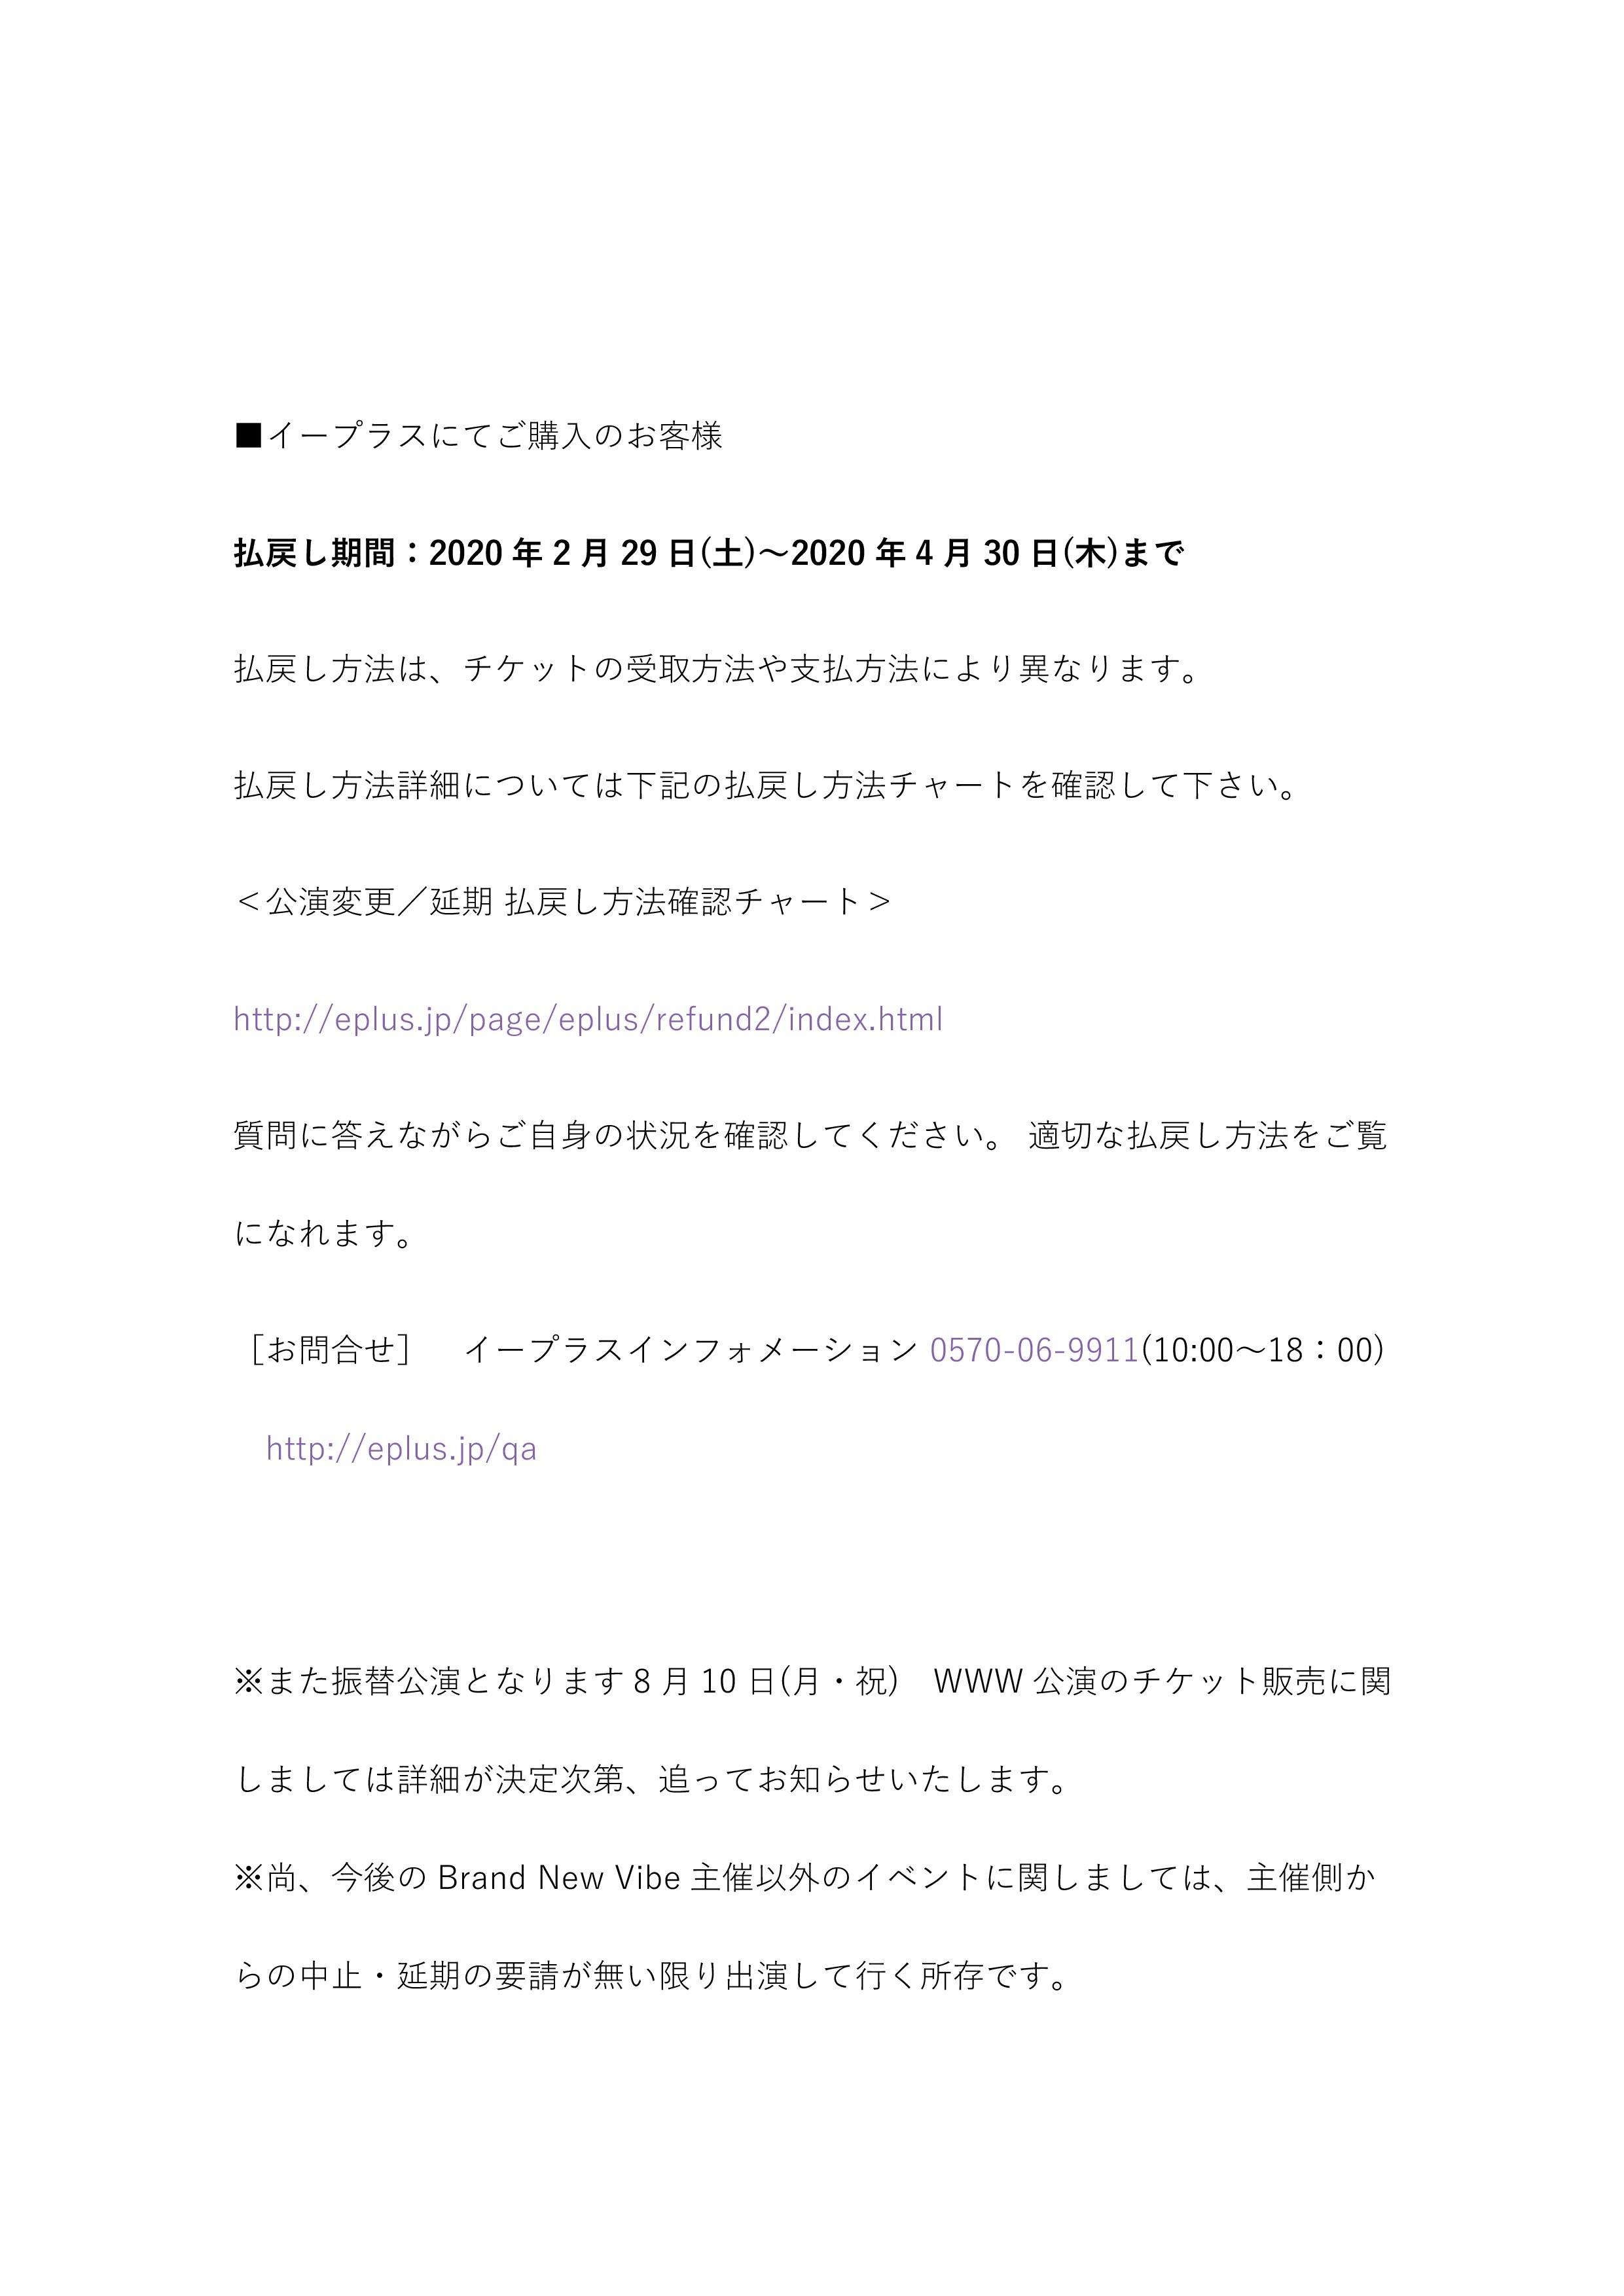 【公演延期】 Brand New Vibe 3.1@WWW X-4.jpg